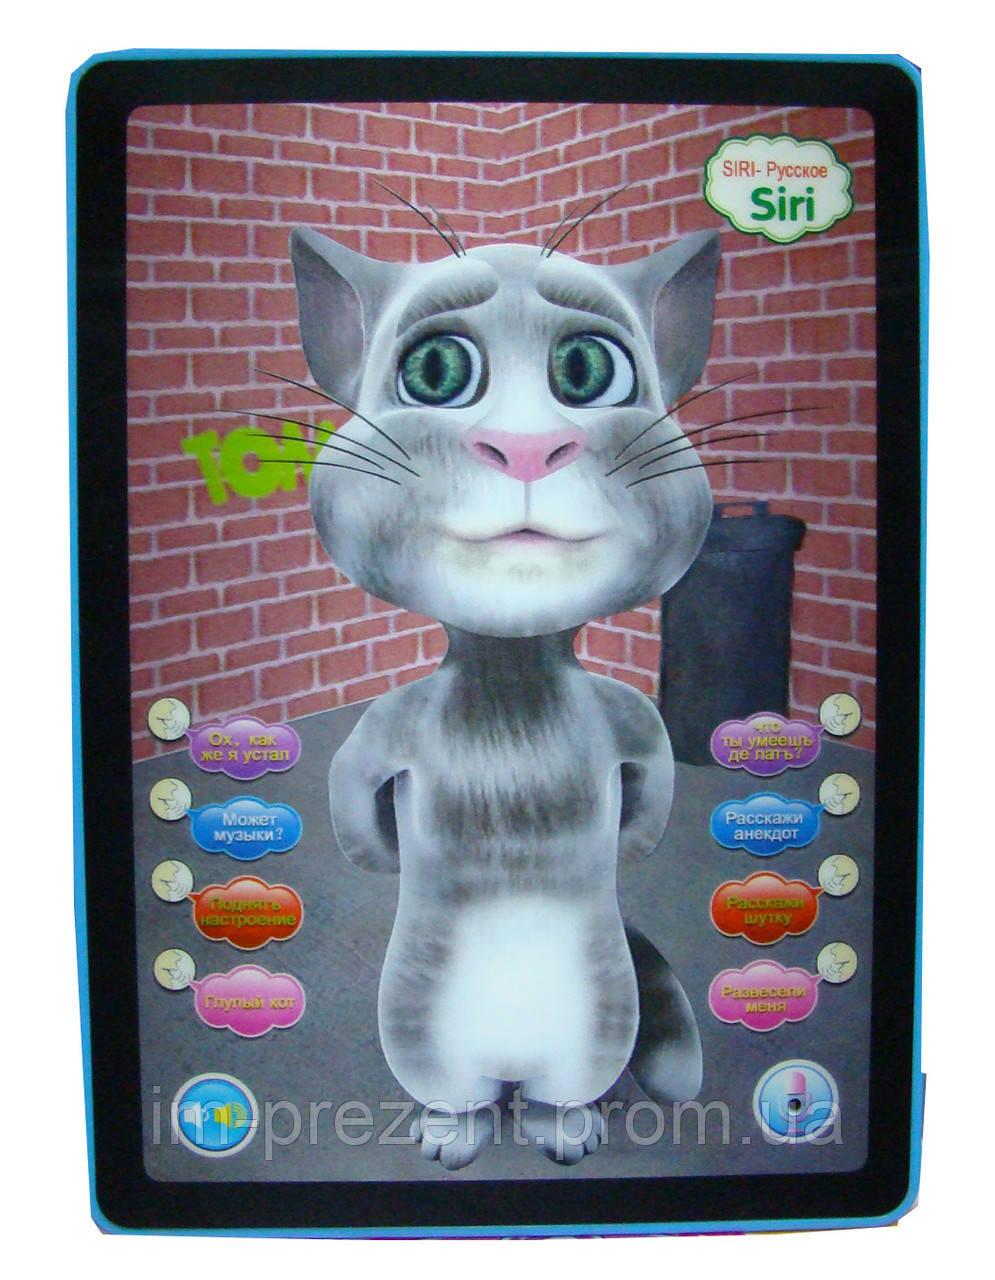 Куплю детский планшет кот том